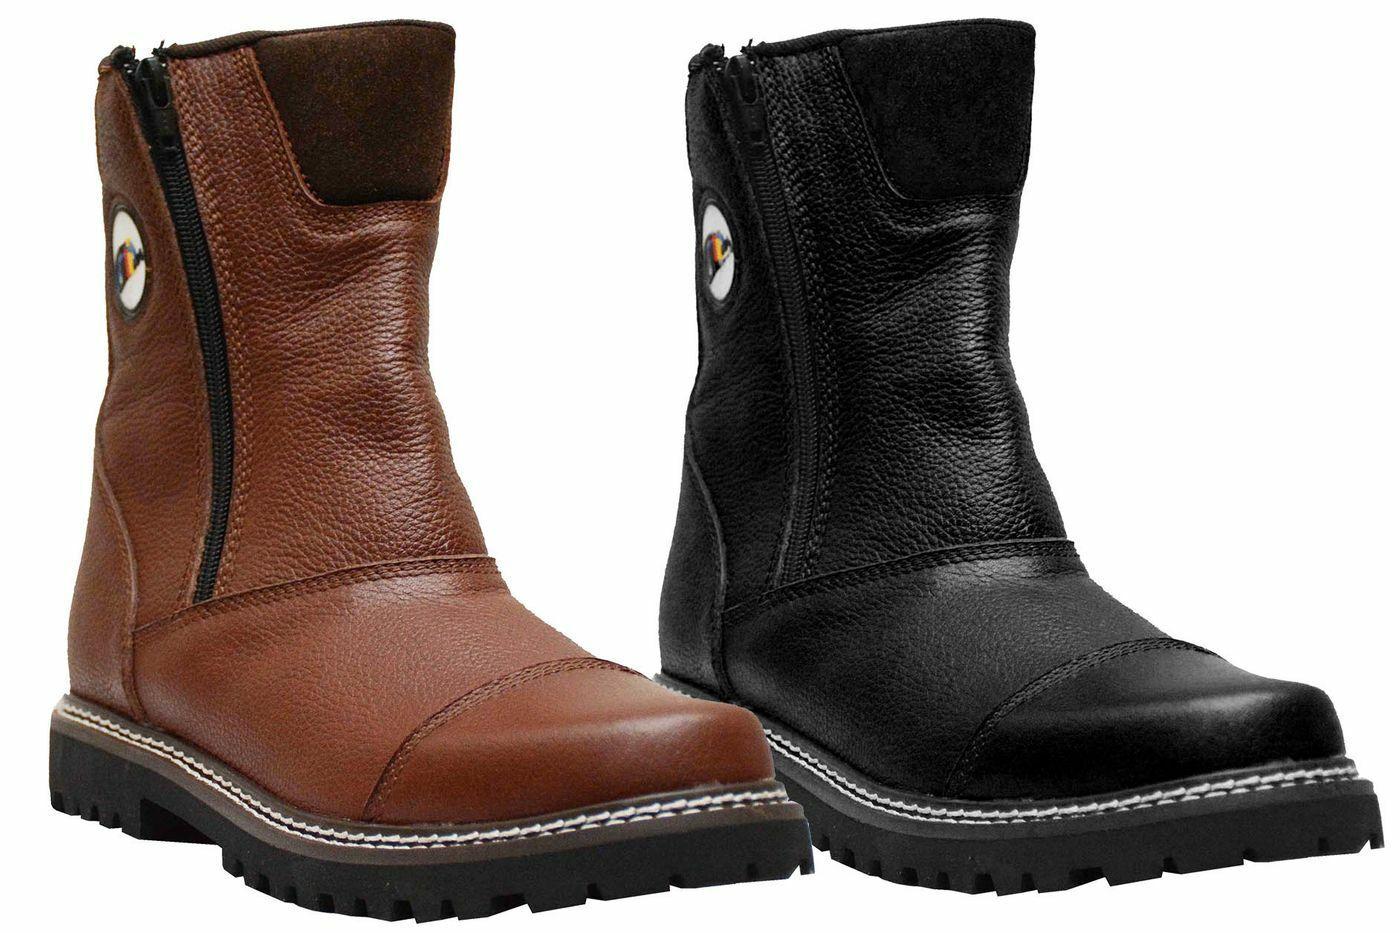 German Wear, botines zapatos de piel botas de cuero genuino zapatos